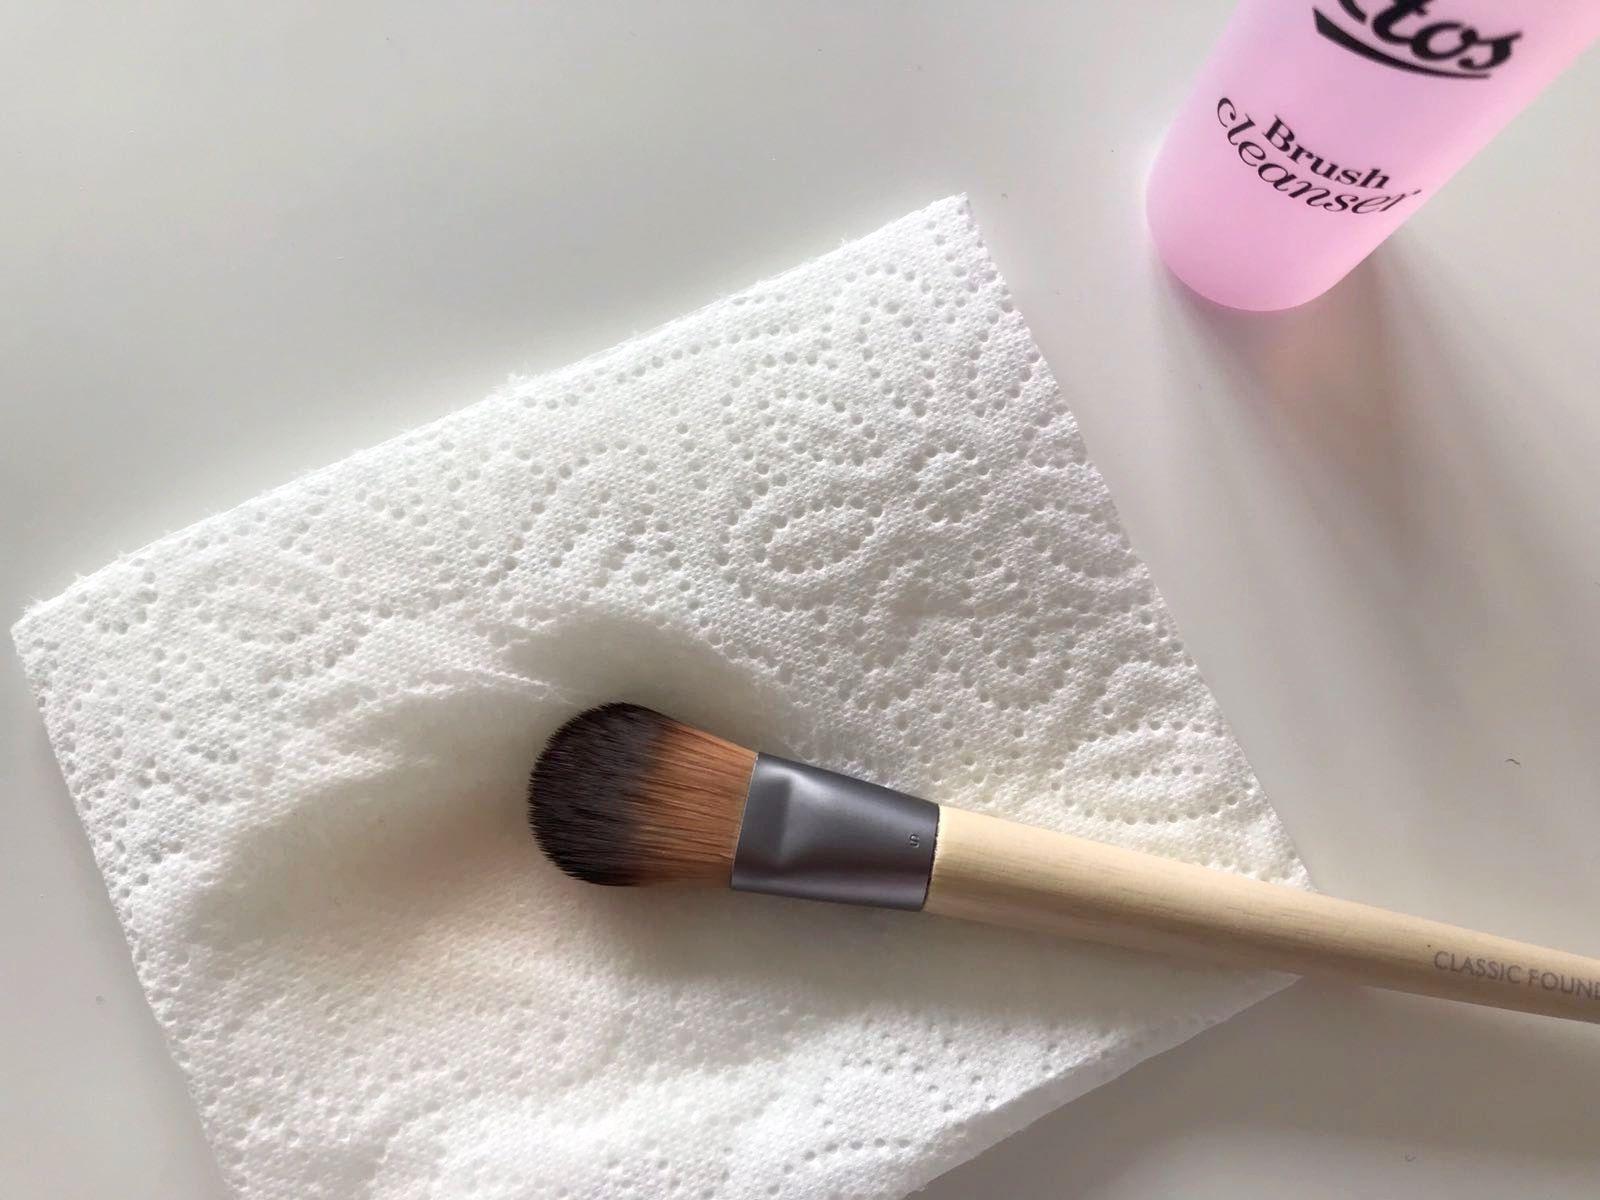 Pin van Merel Velghe op Make up kwasten Make up kwasten